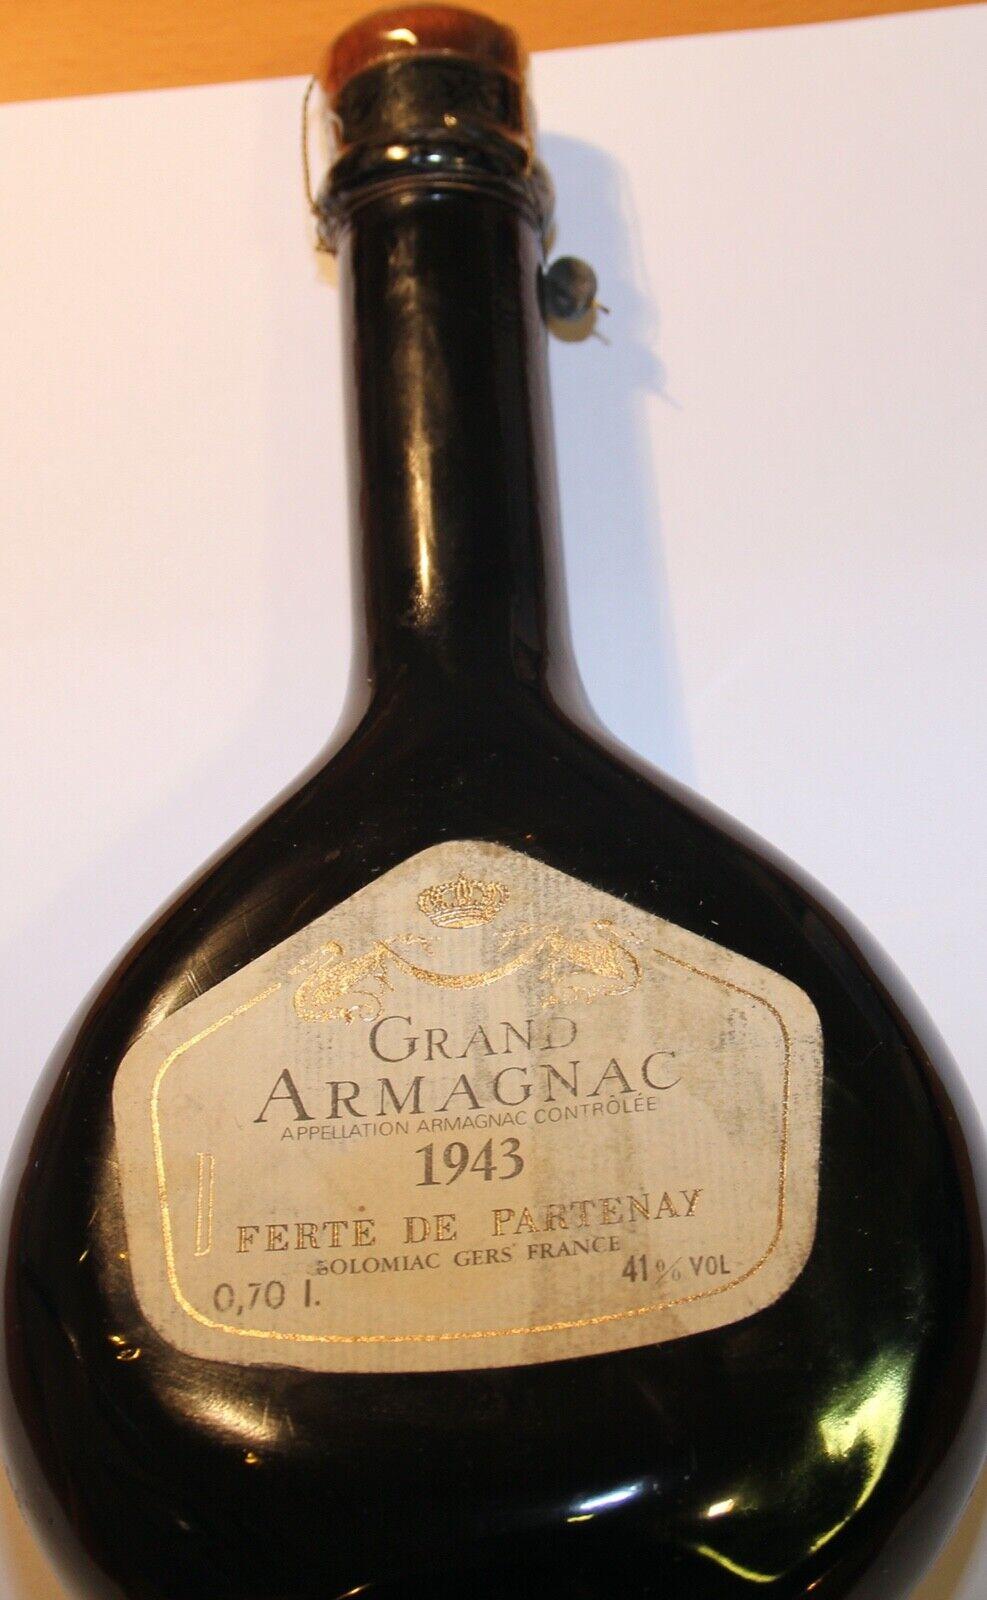 Grand Armagnac 1943 Ferte de Partenay